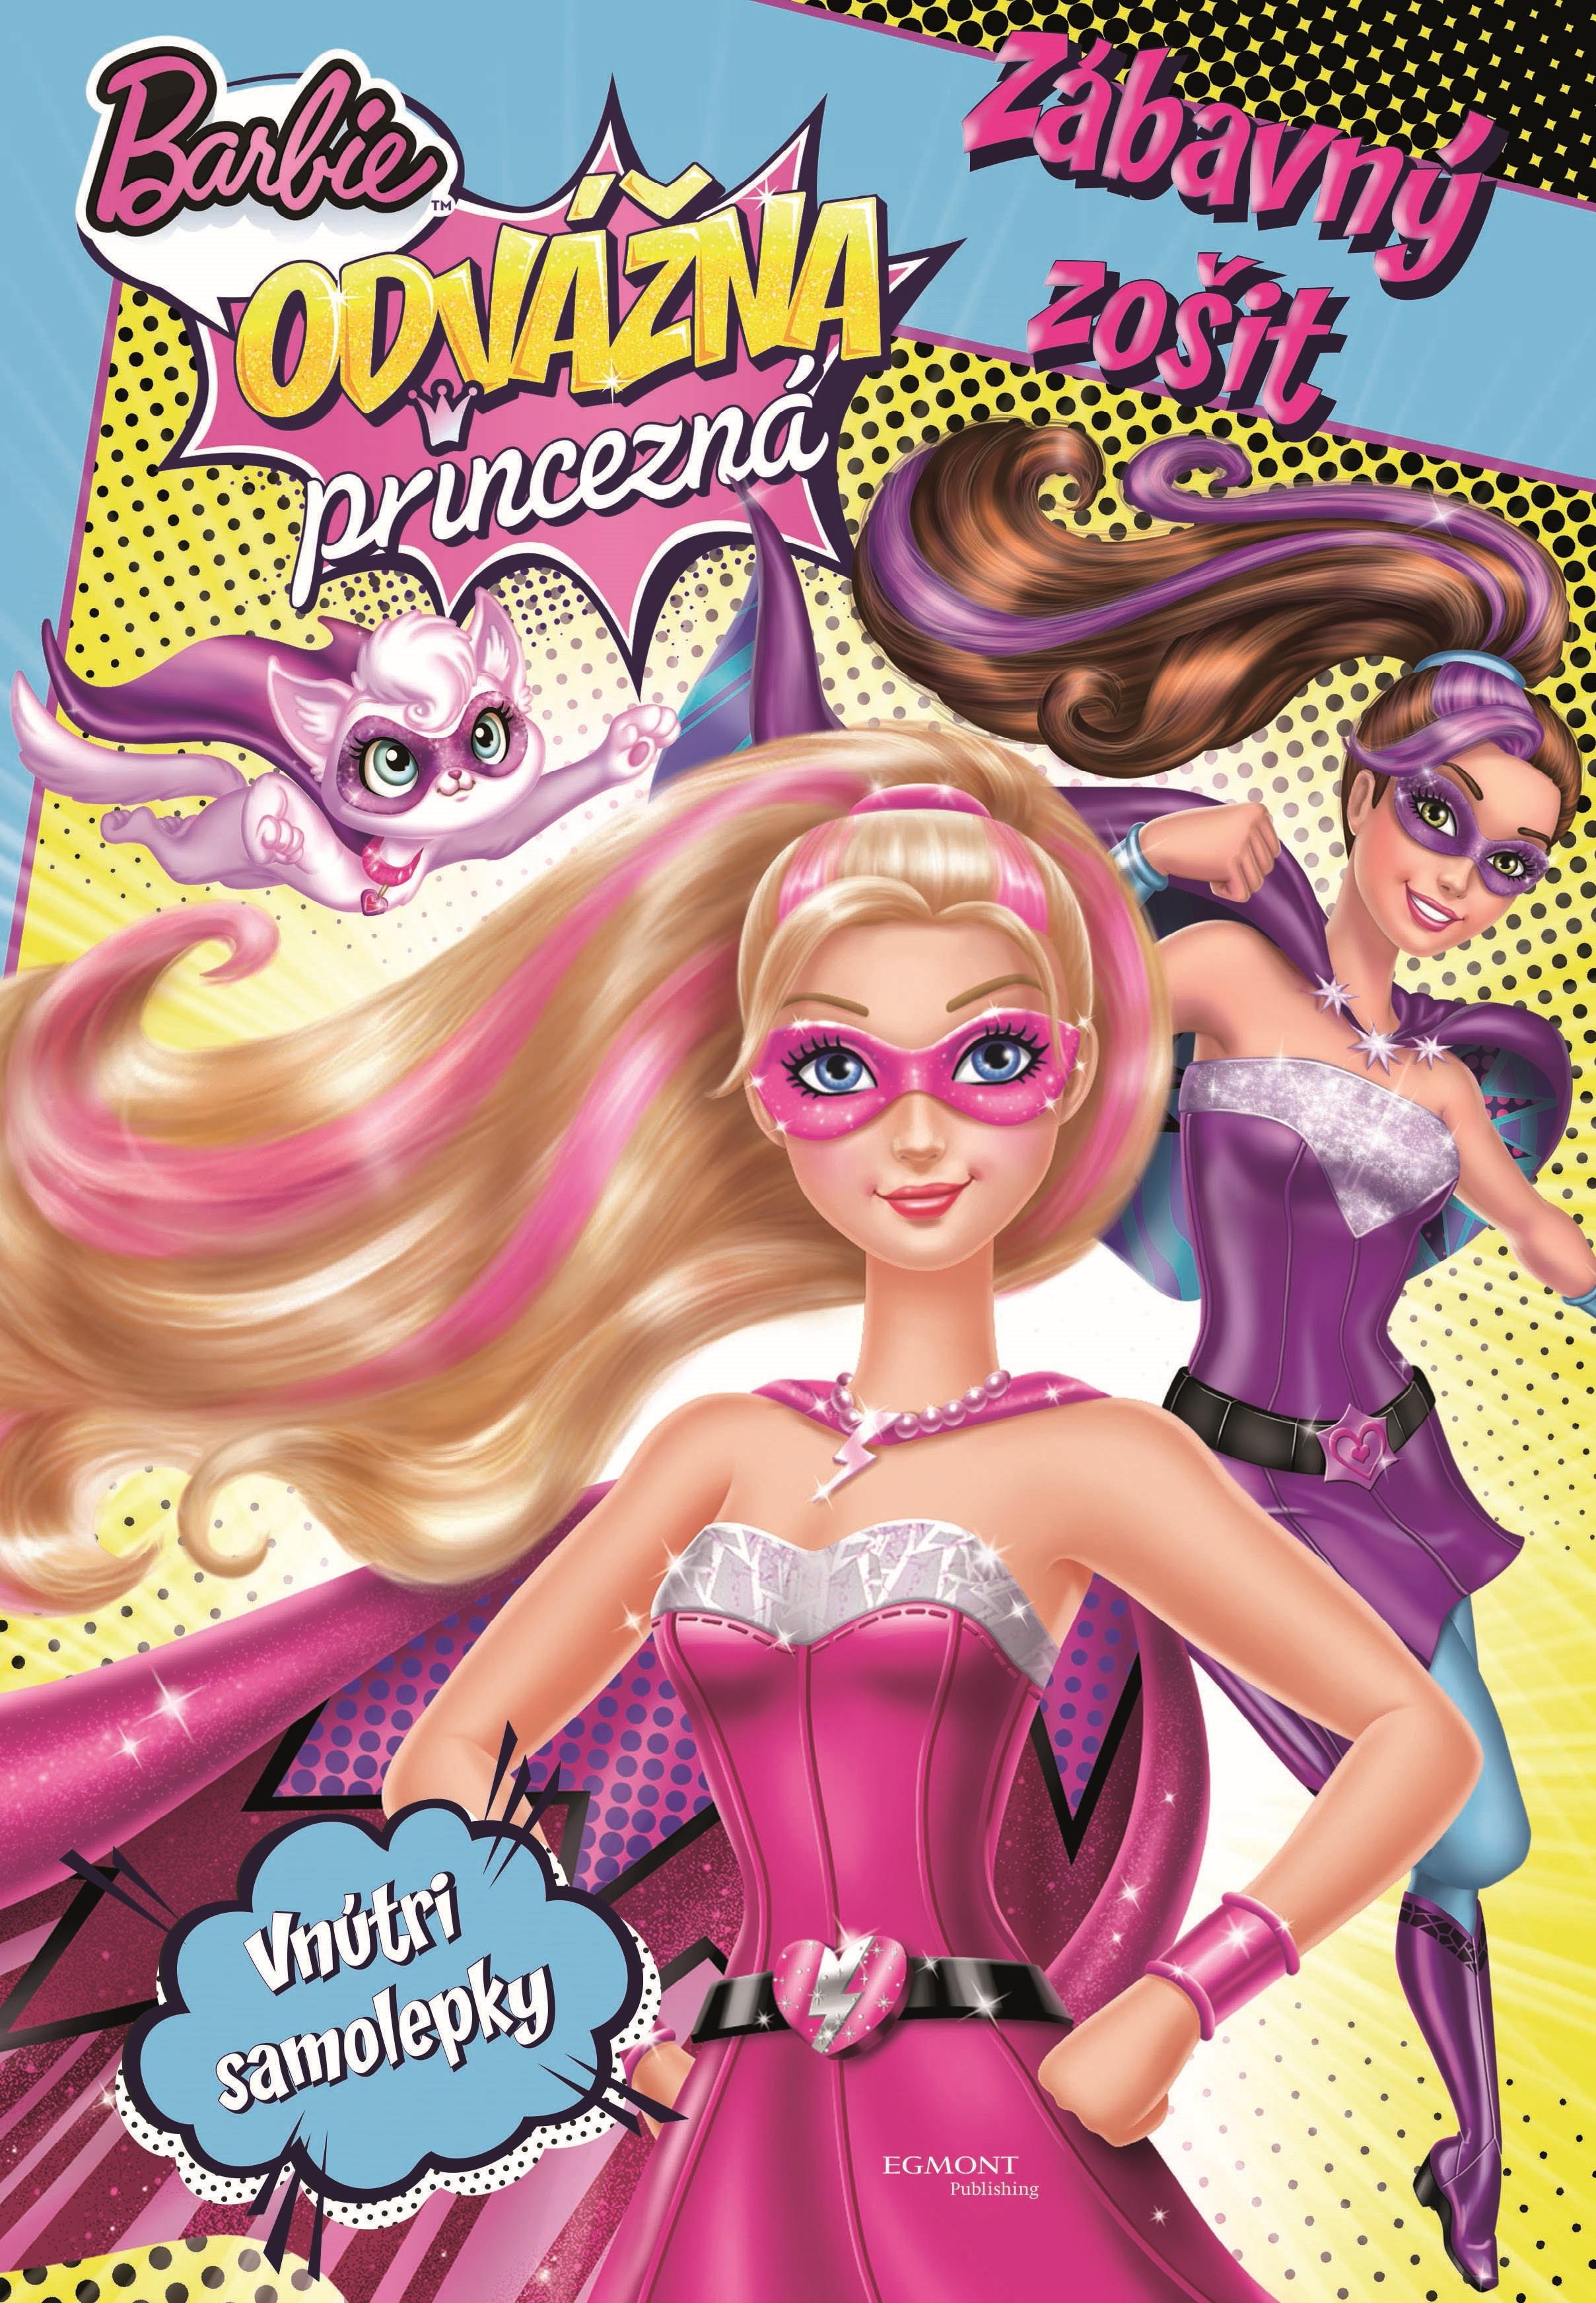 Barbie - Odvážna princezná - Zábavný zošit - Vnútri samolepky